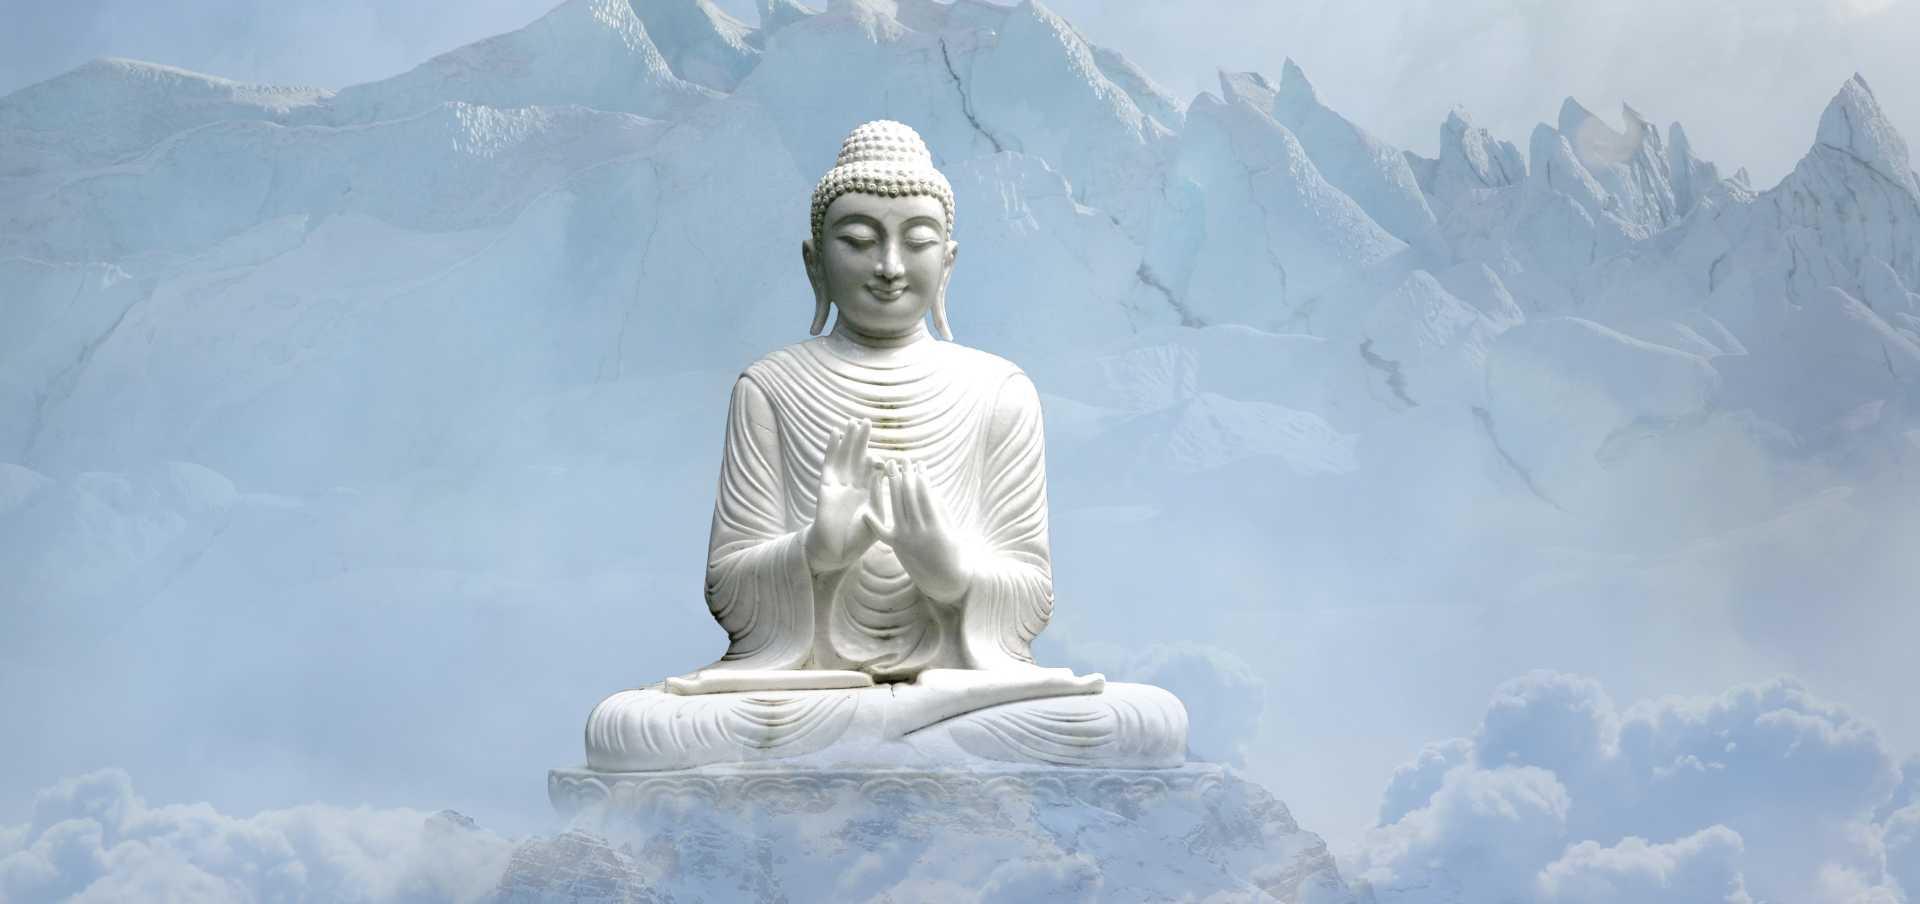 Weiße Buddha-Statue im Gebirge